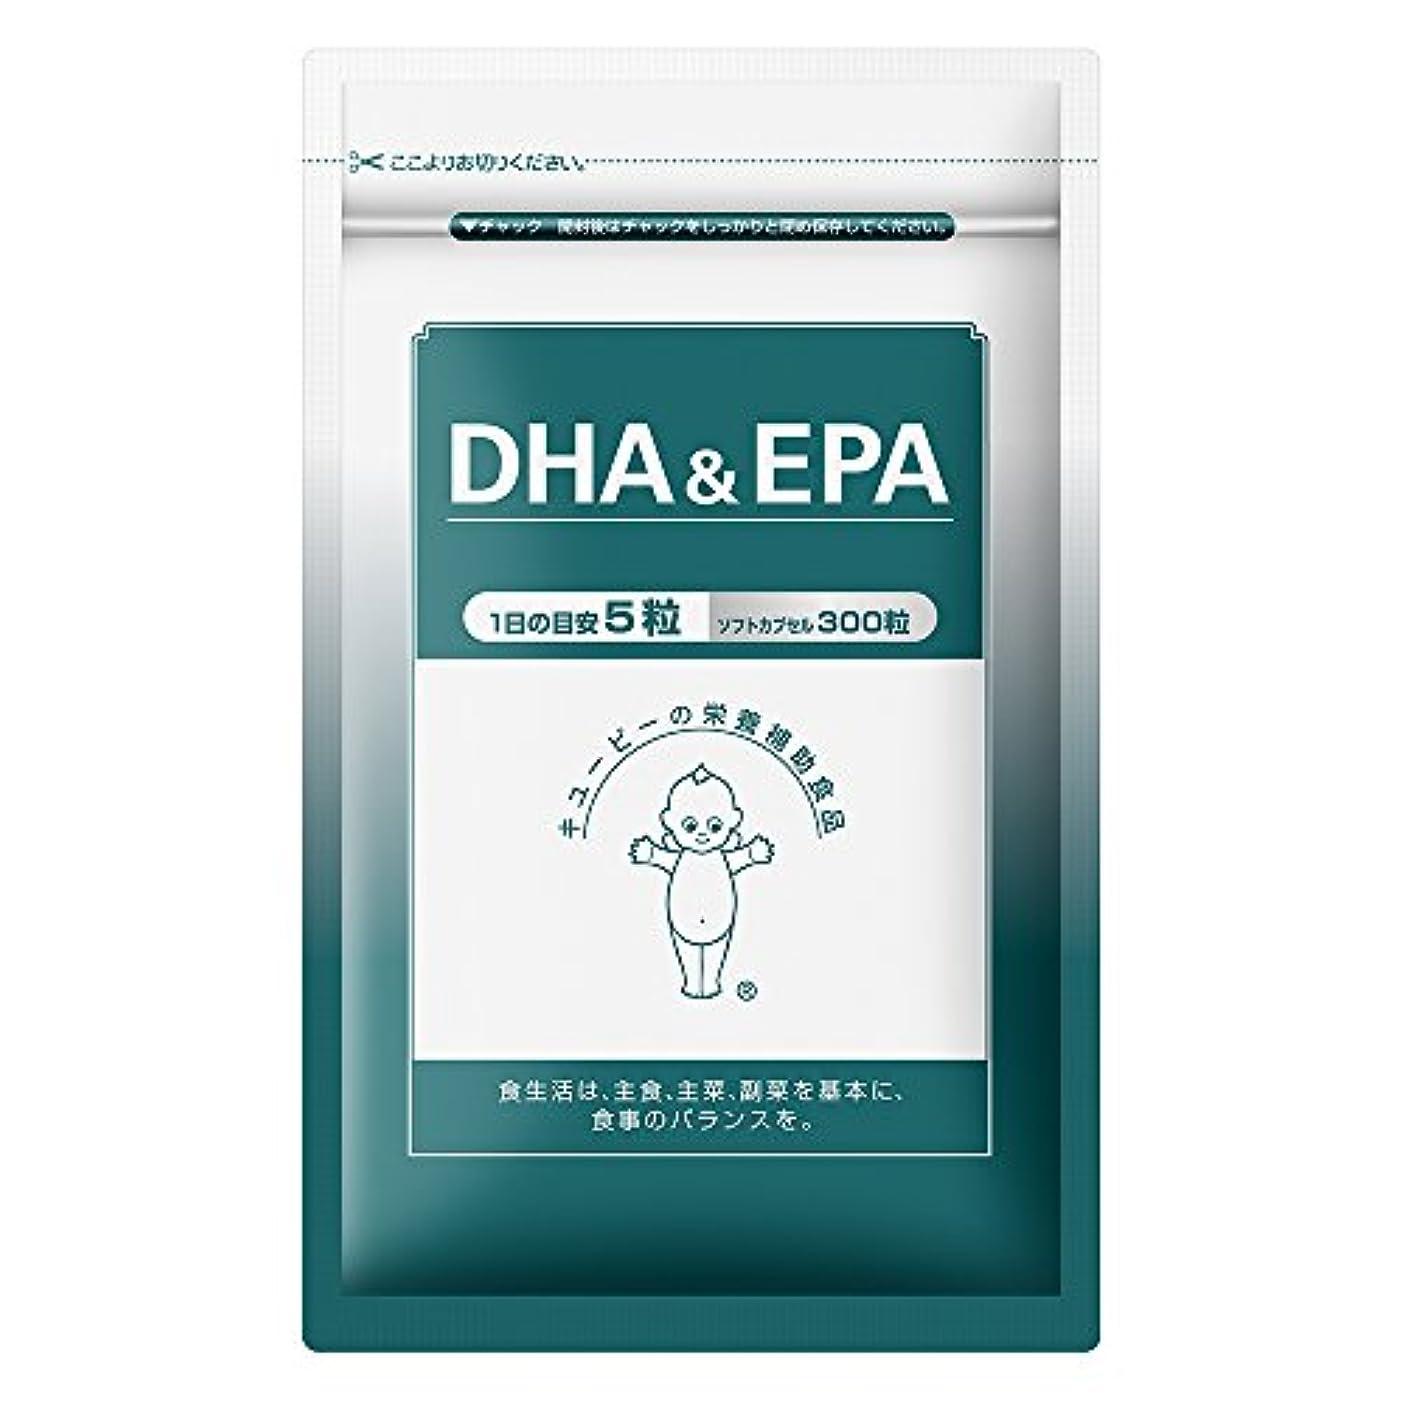 熱狂的な不和オークキユーピー DHA&EPA 60日分